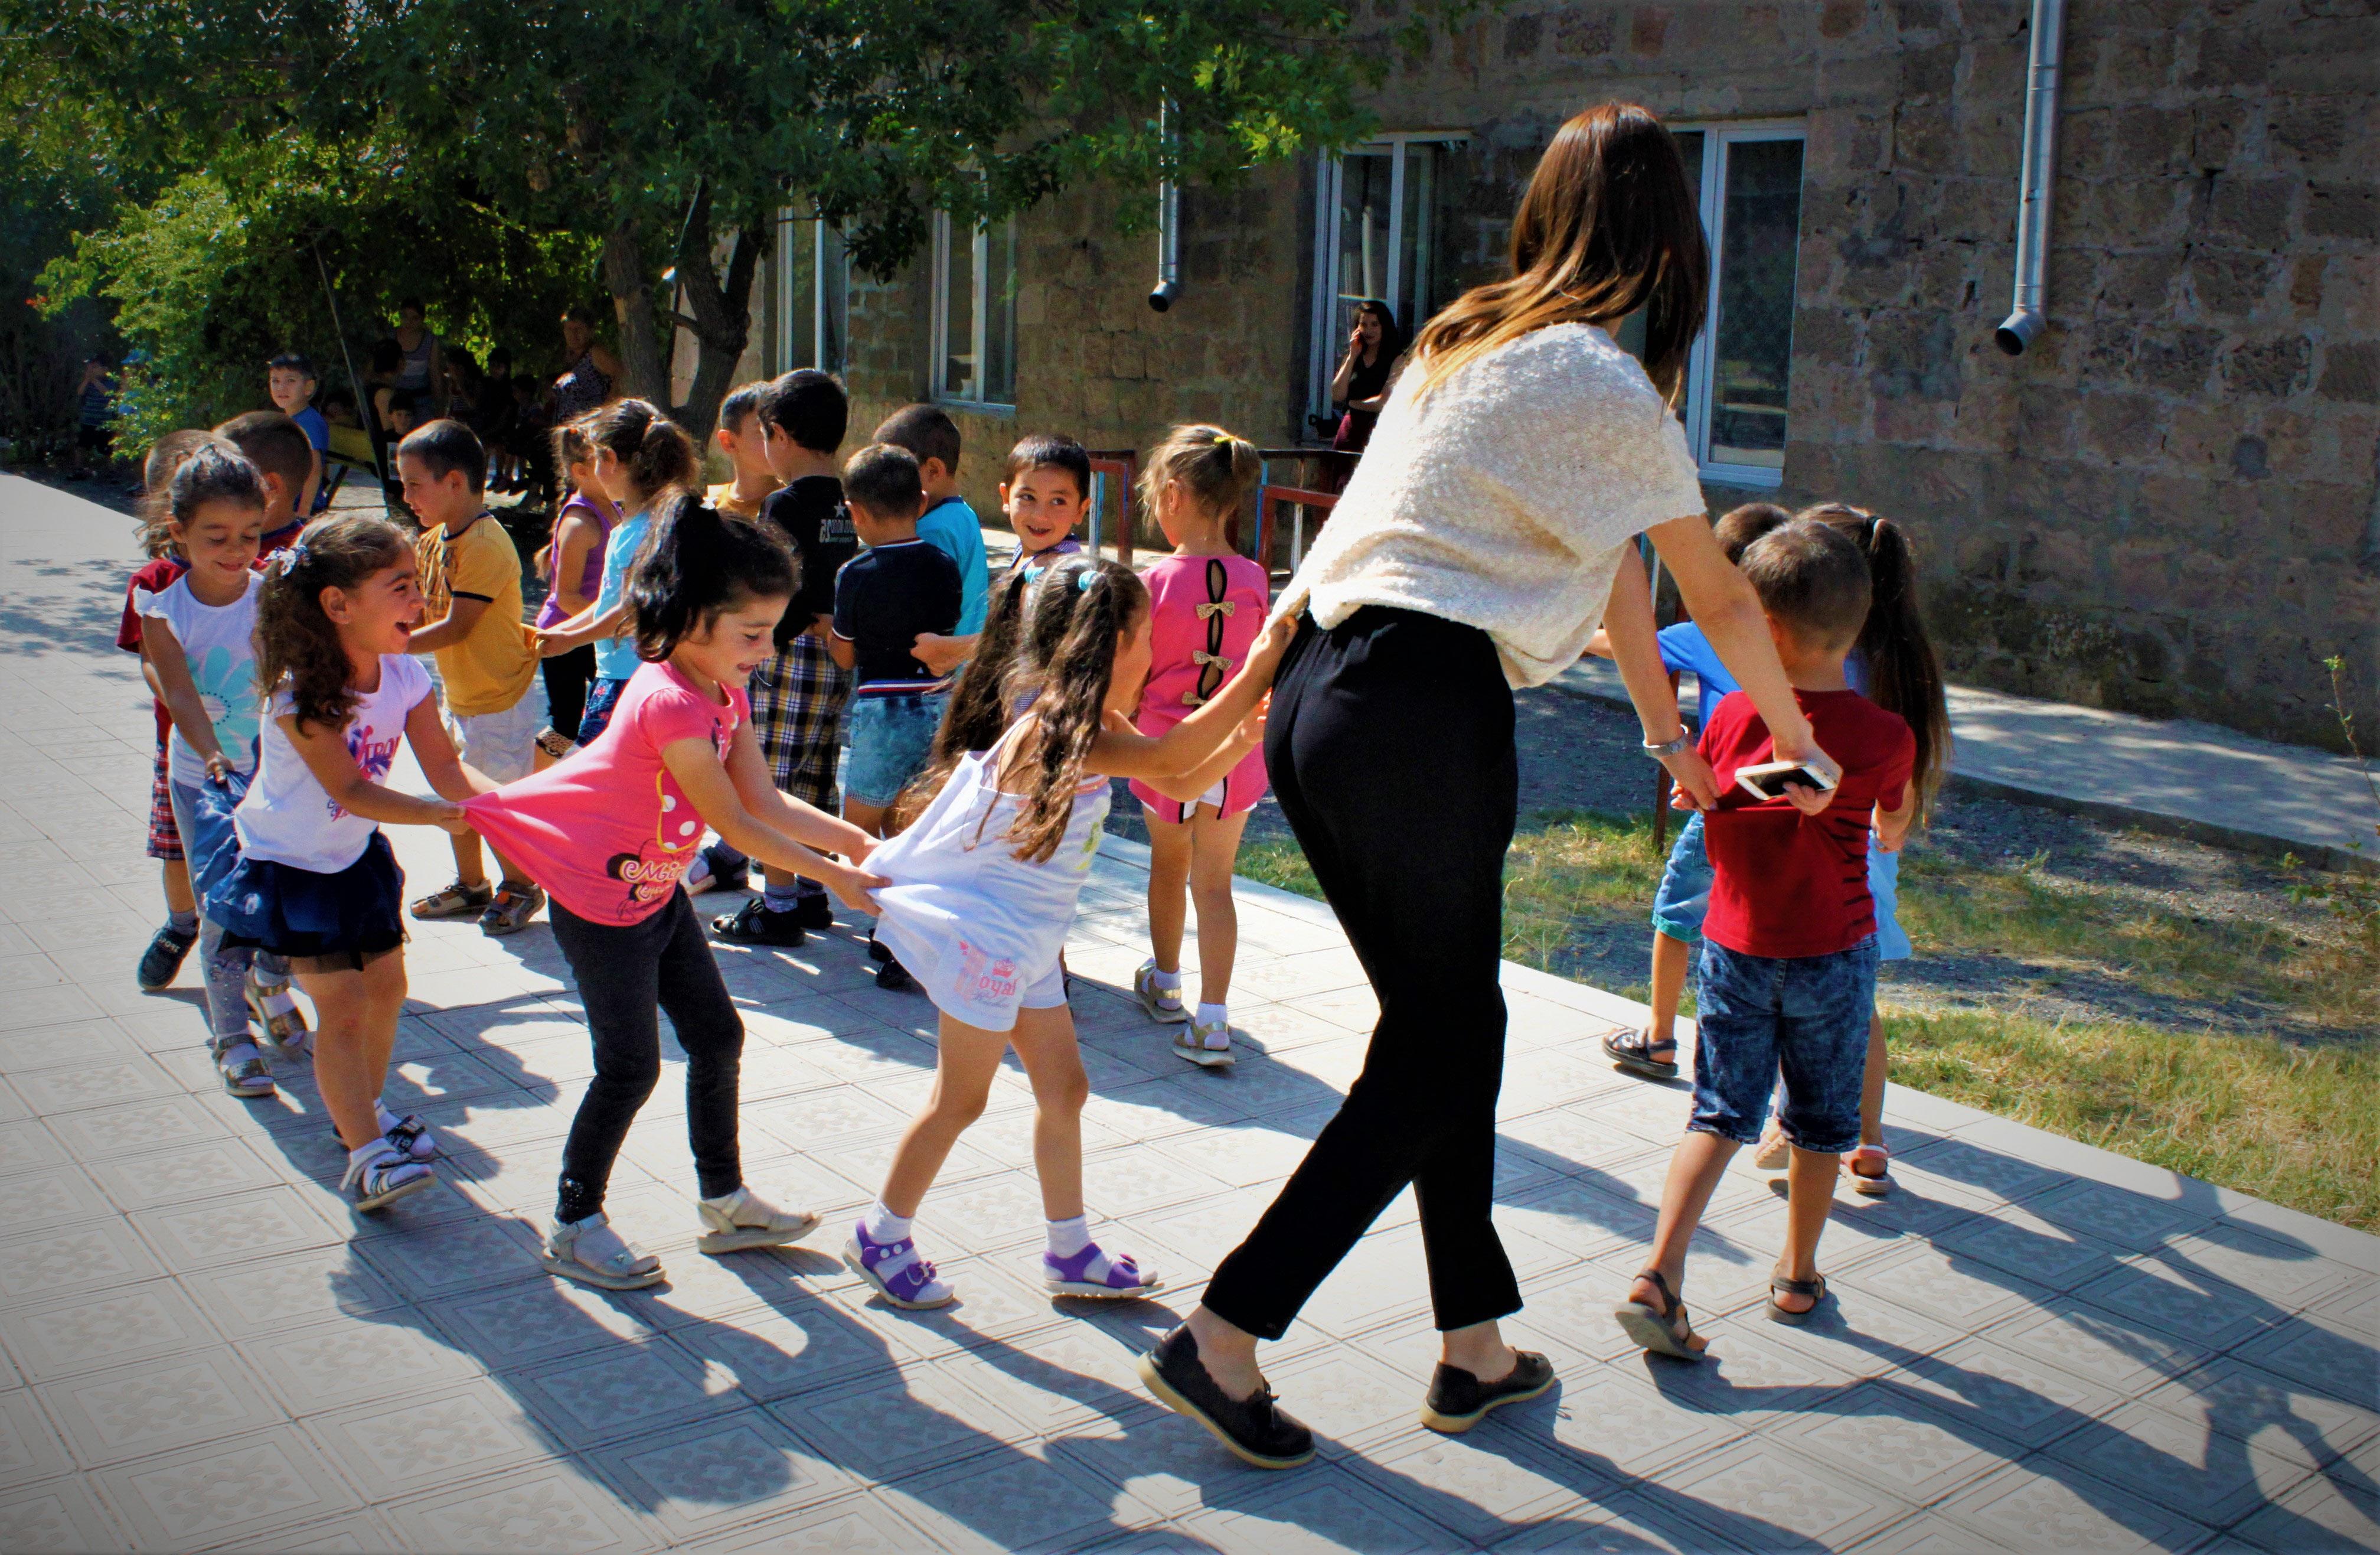 Un Art Camp con attività per bambini/e: direzione Kyrgyzstan